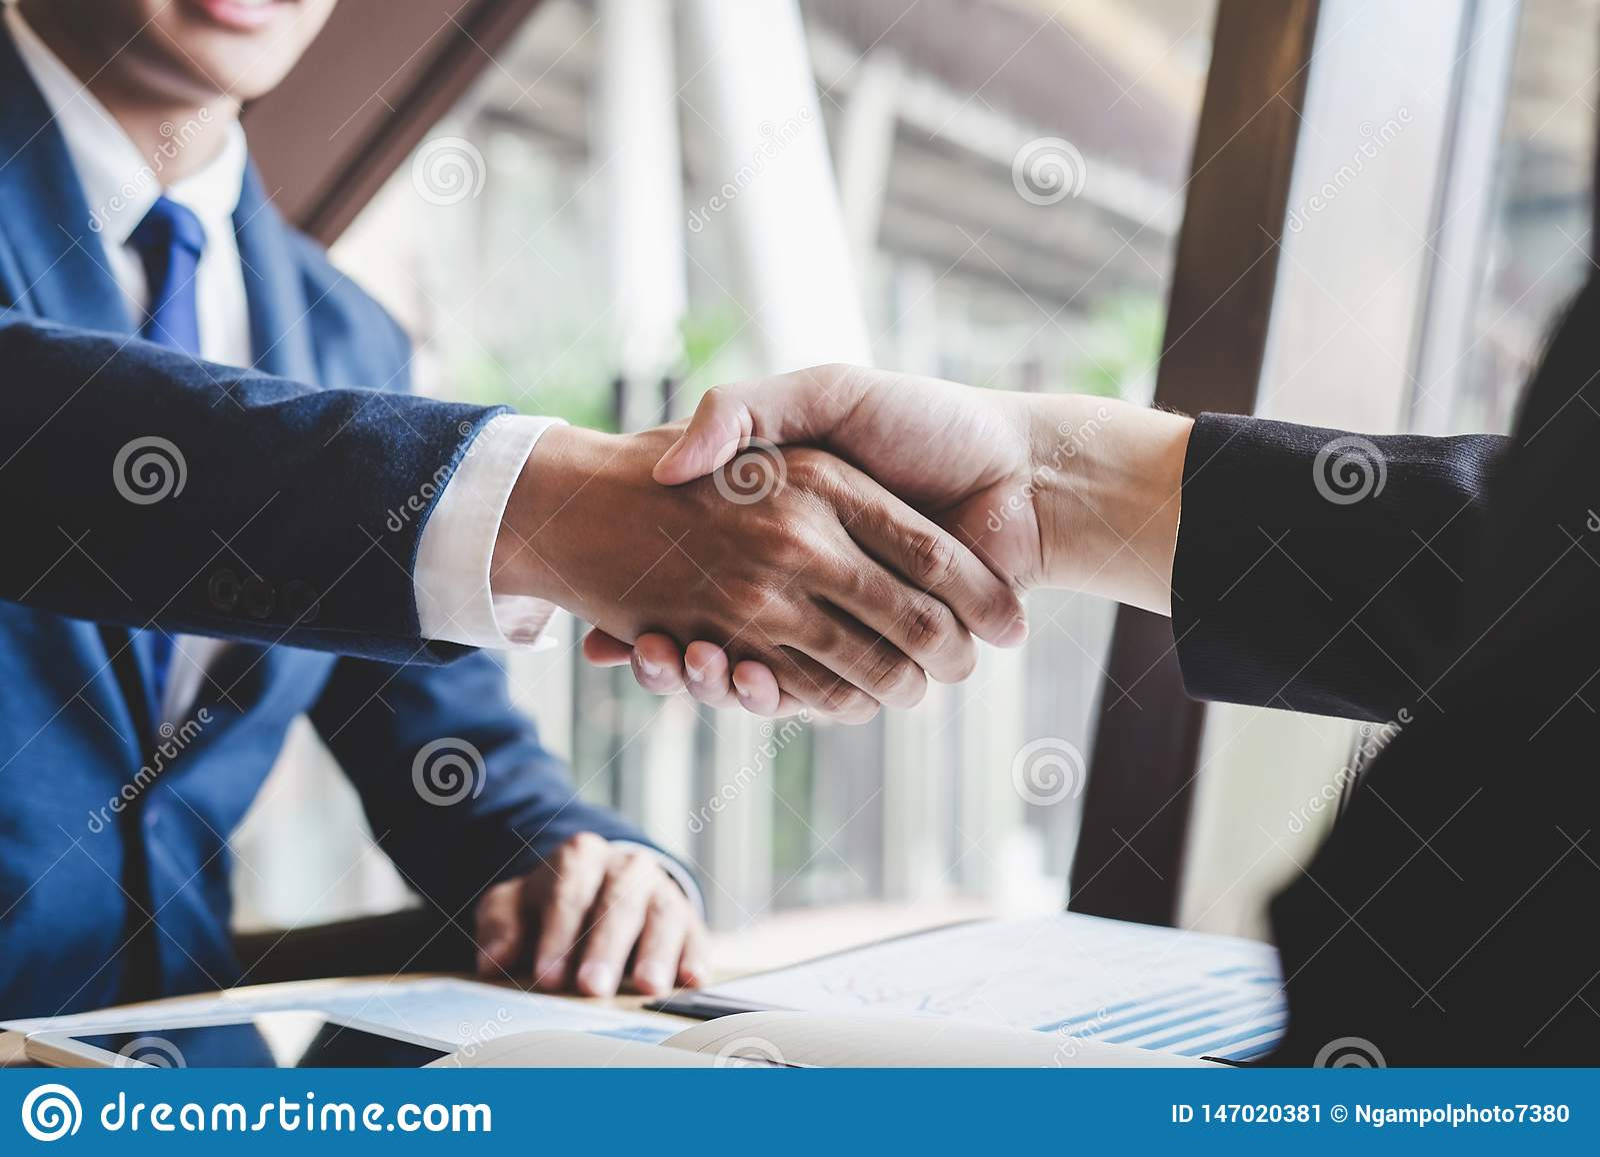 Avsluta upp ett m?te, handskakning av tv? lyckliga aff?rspersoner efter avtals?verenskommelse att bli en partner som ?r kollabora